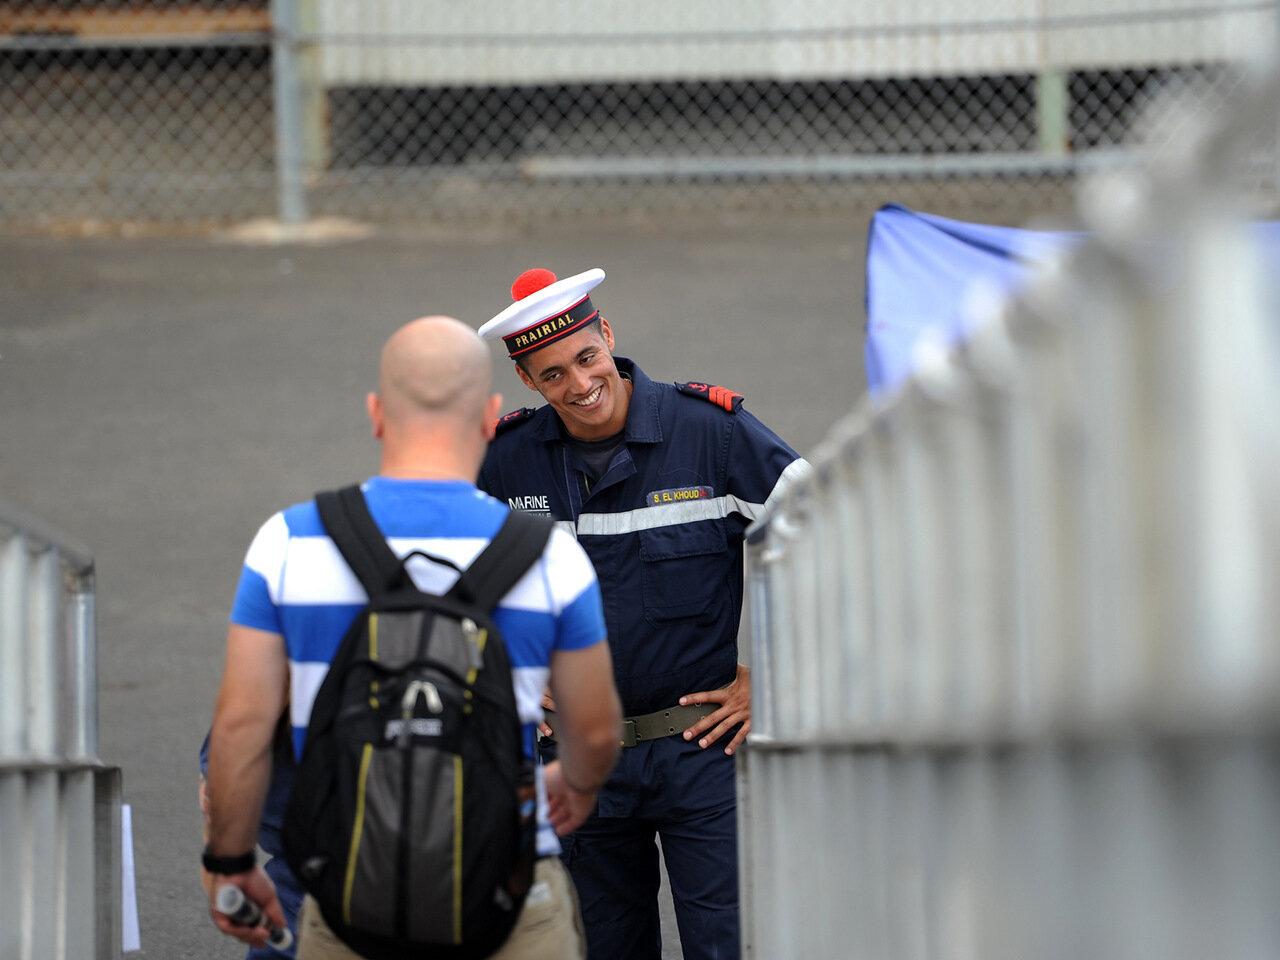 (FS) Prairial et un visiteur, au sein de la base navale de Pearl Harbor,  'RIMPAC 2012 ' (Rim of the Pacific